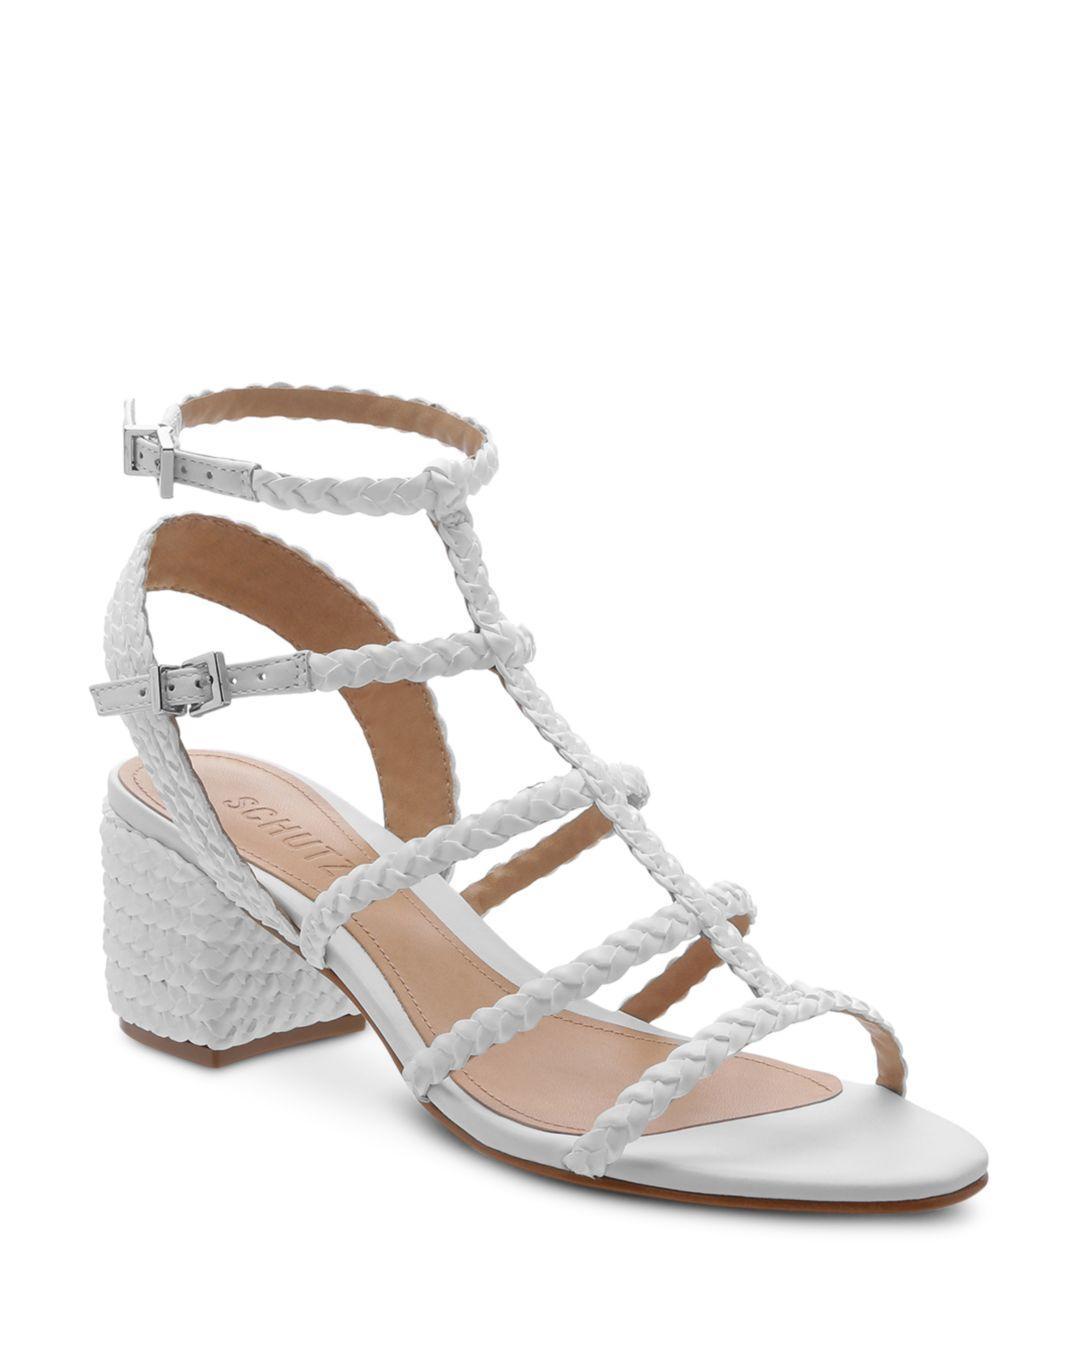 c260387ffc1 Lyst - Schutz Women s Rosalia Strappy Block-heel Sandals in White ...